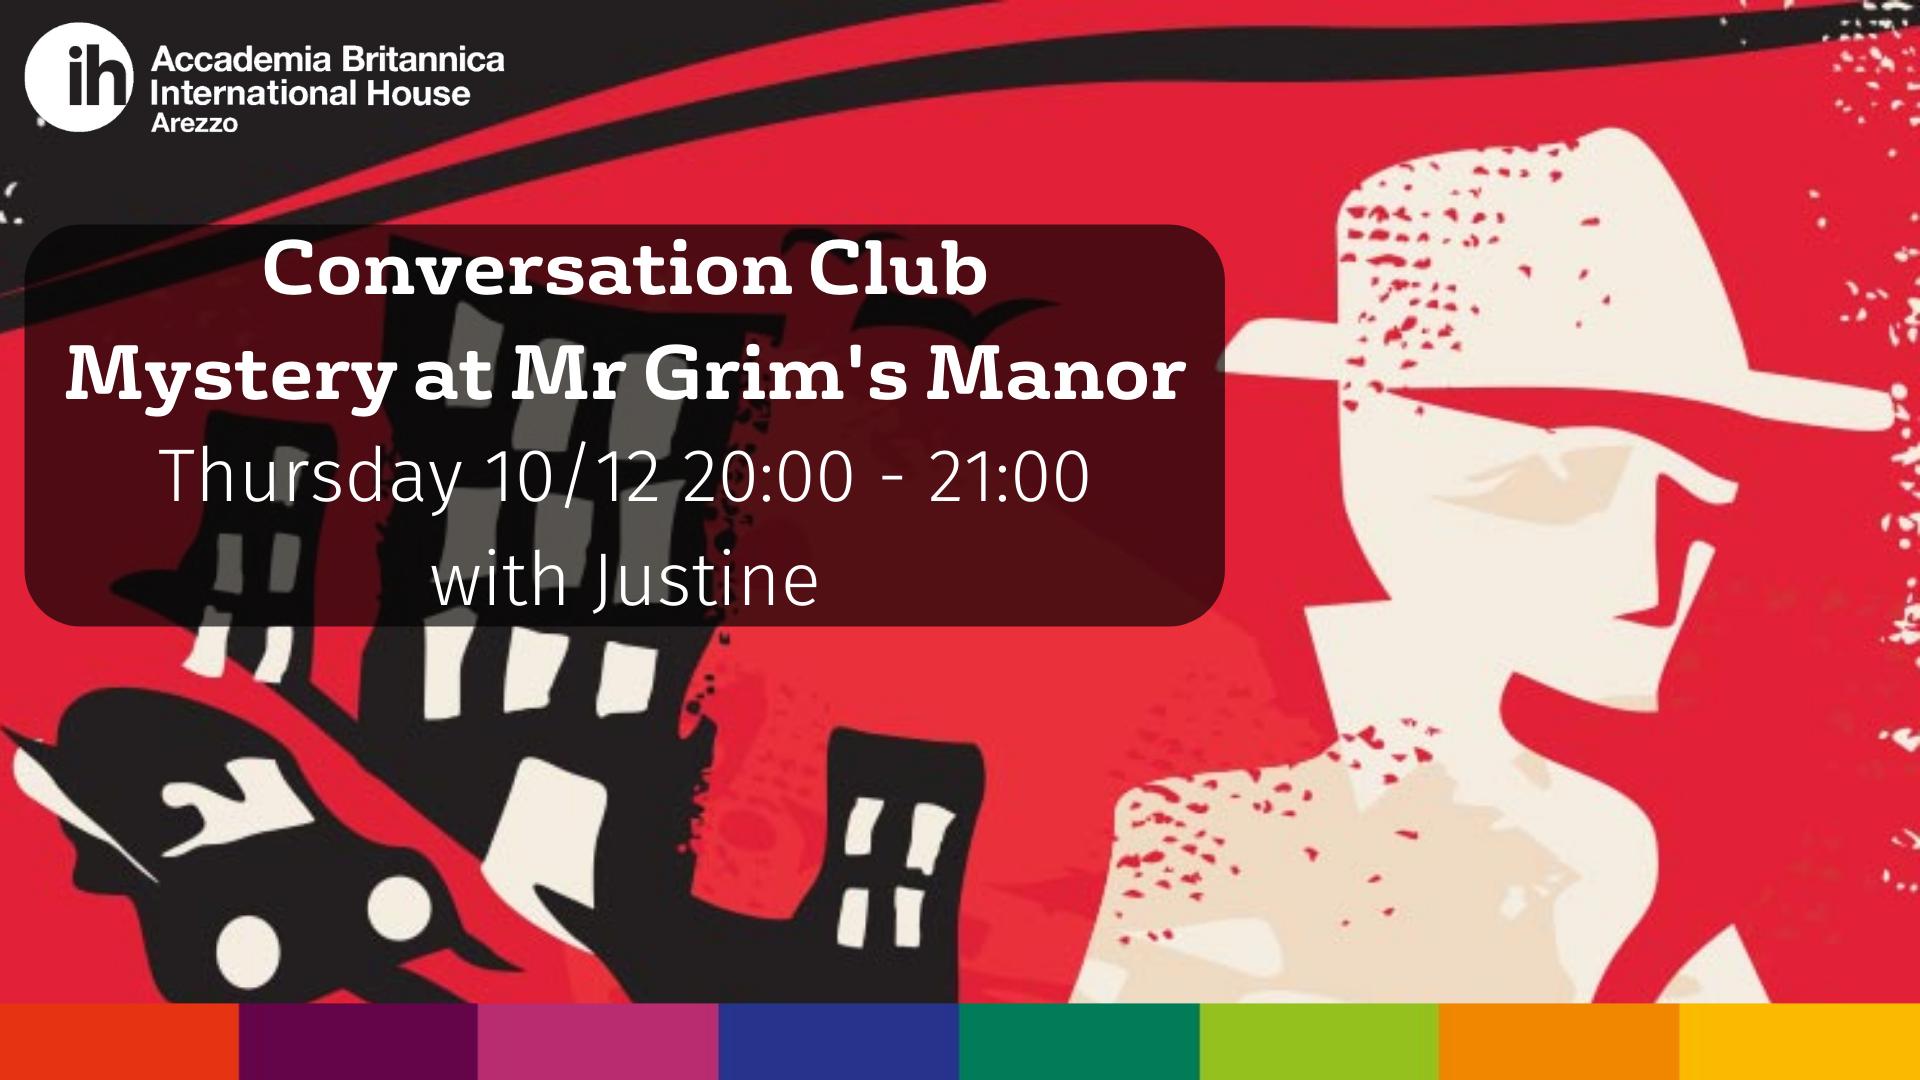 Conversation Club 10.12.20 | Accademia Britannica IH Arezzo